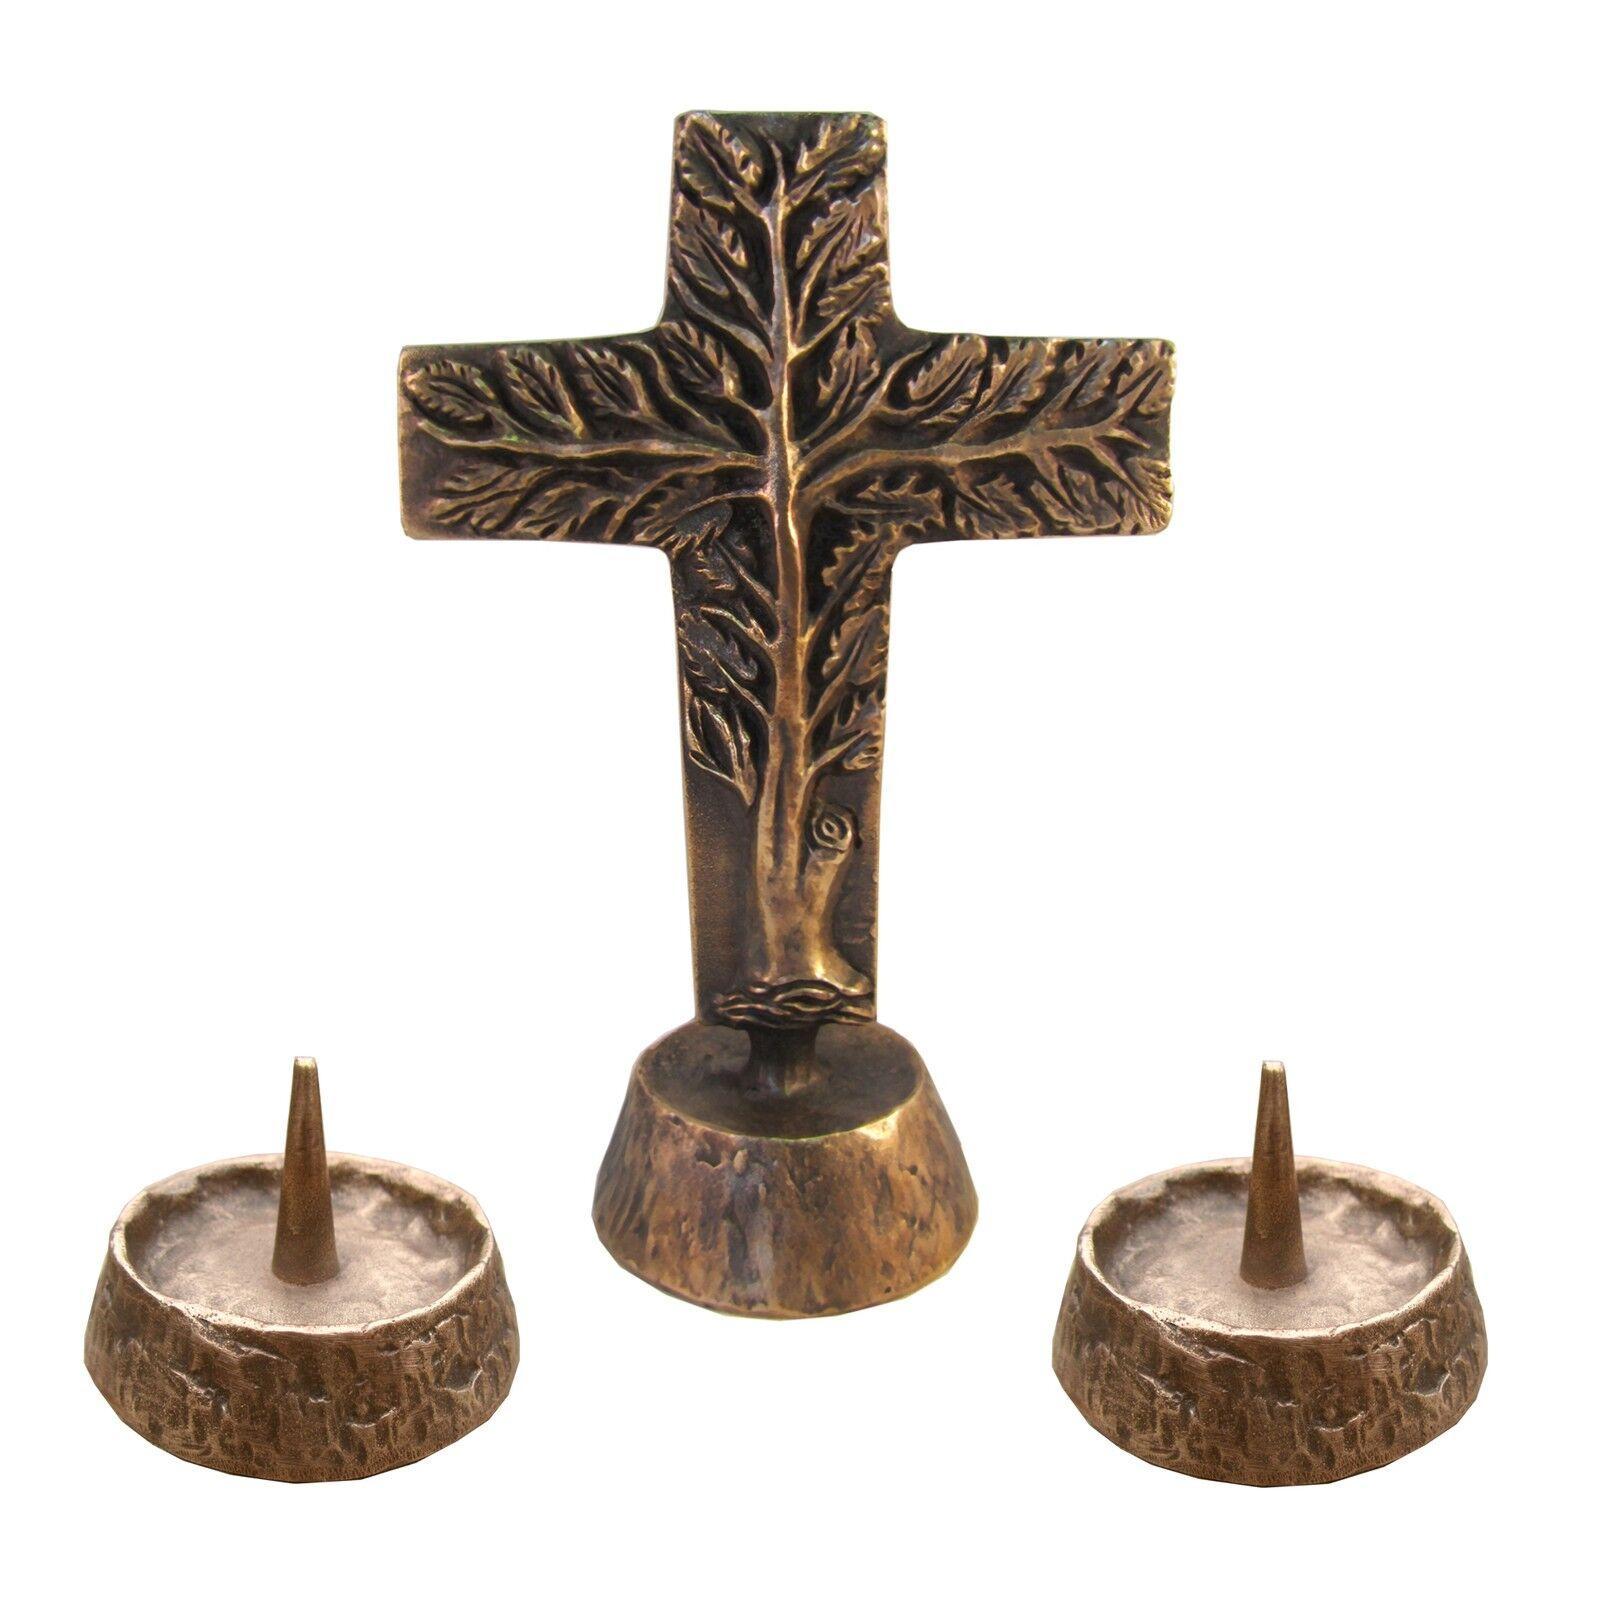 Versehgarnitur Bronze Stehkreuz Lebensbaum doppelseitig 17 cm  2 Leuchter